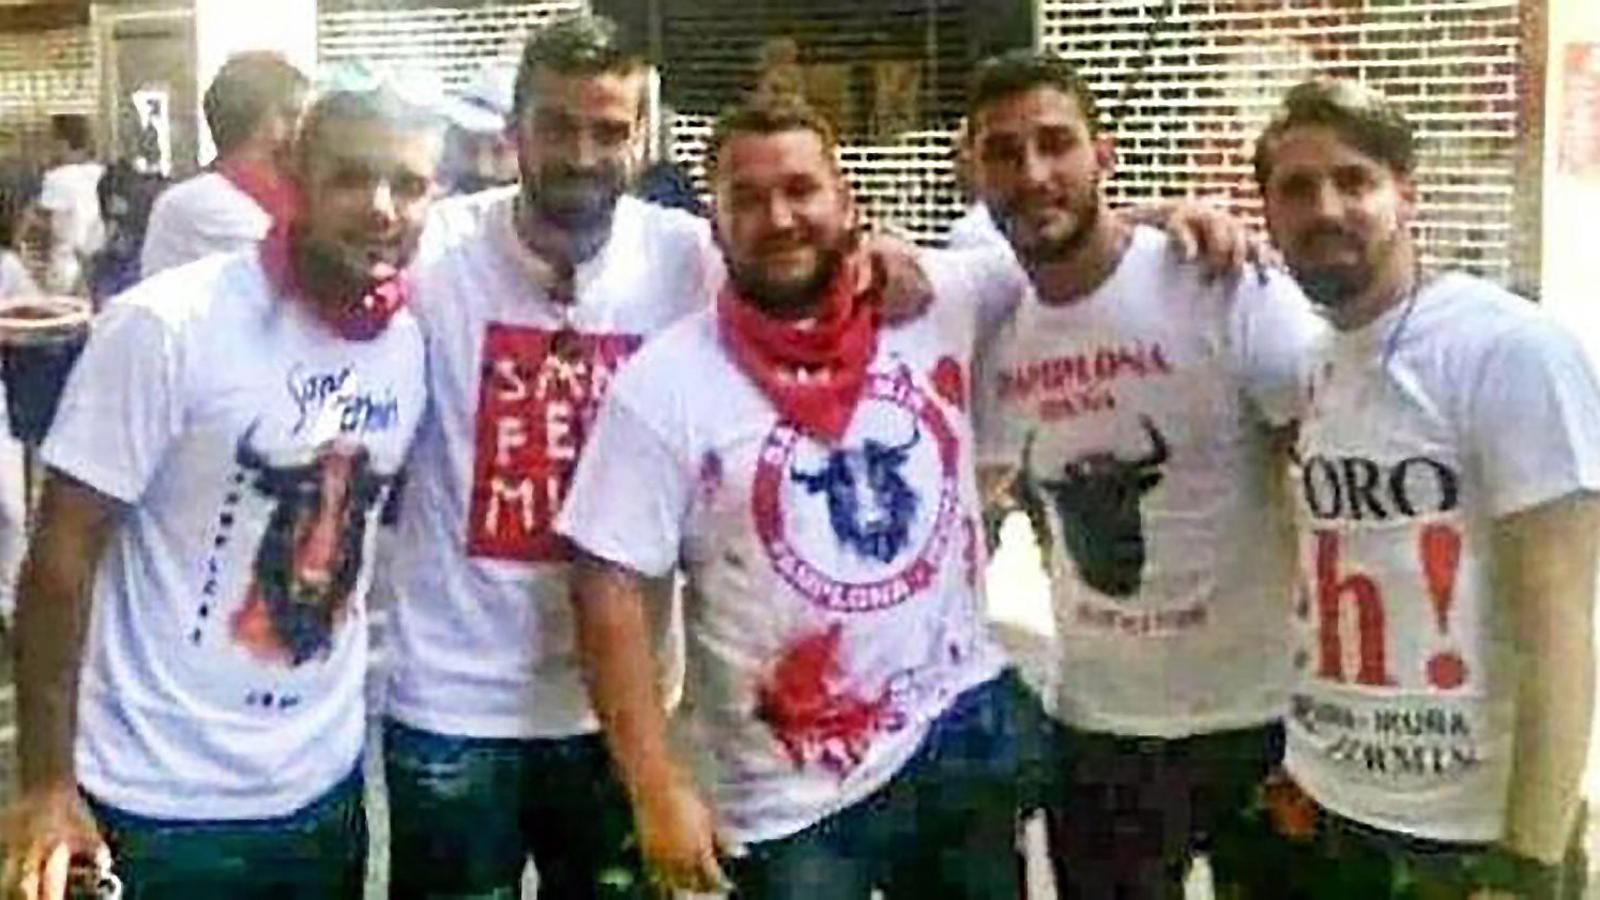 Cinc dels nois de la Manada, un dels quals és guàrdia civil i un altre militar de l'exèrcit espanyol, durant la seva estada a Pamplona el 2016 pels Sanfermines, quan es van produir els fets.